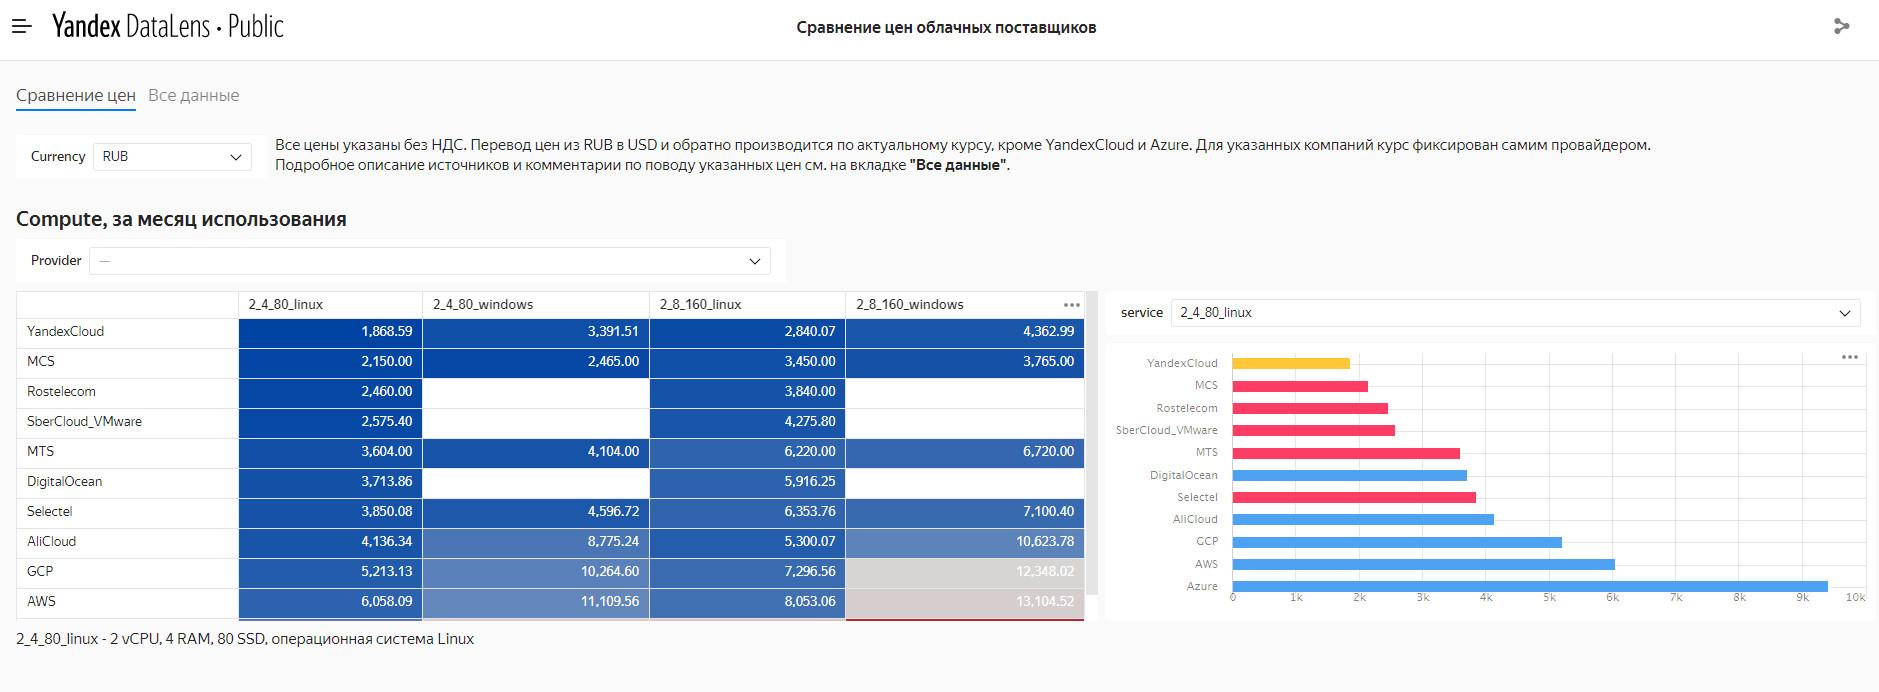 Пример визуализации данных в Yandex DataLens. Посмотреть в высоком разрешении: https://datalens.yandex/b3ptndvhcukq7